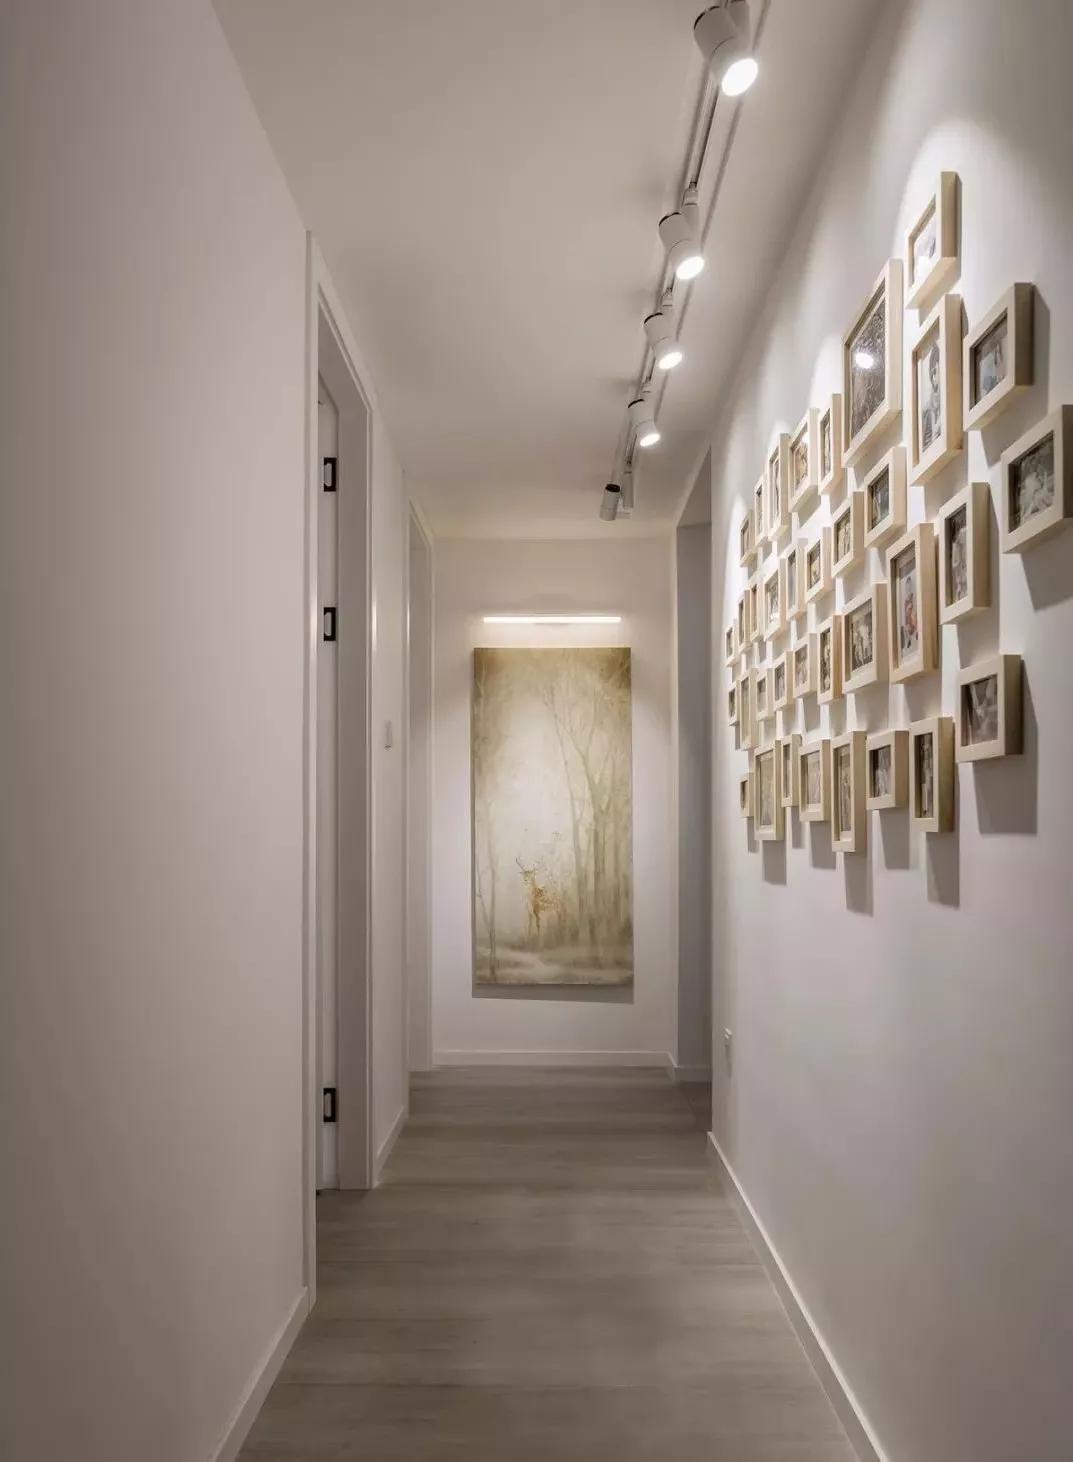 走廊墙面做成照片墙,既不会显得空间太单调,还美观时尚。